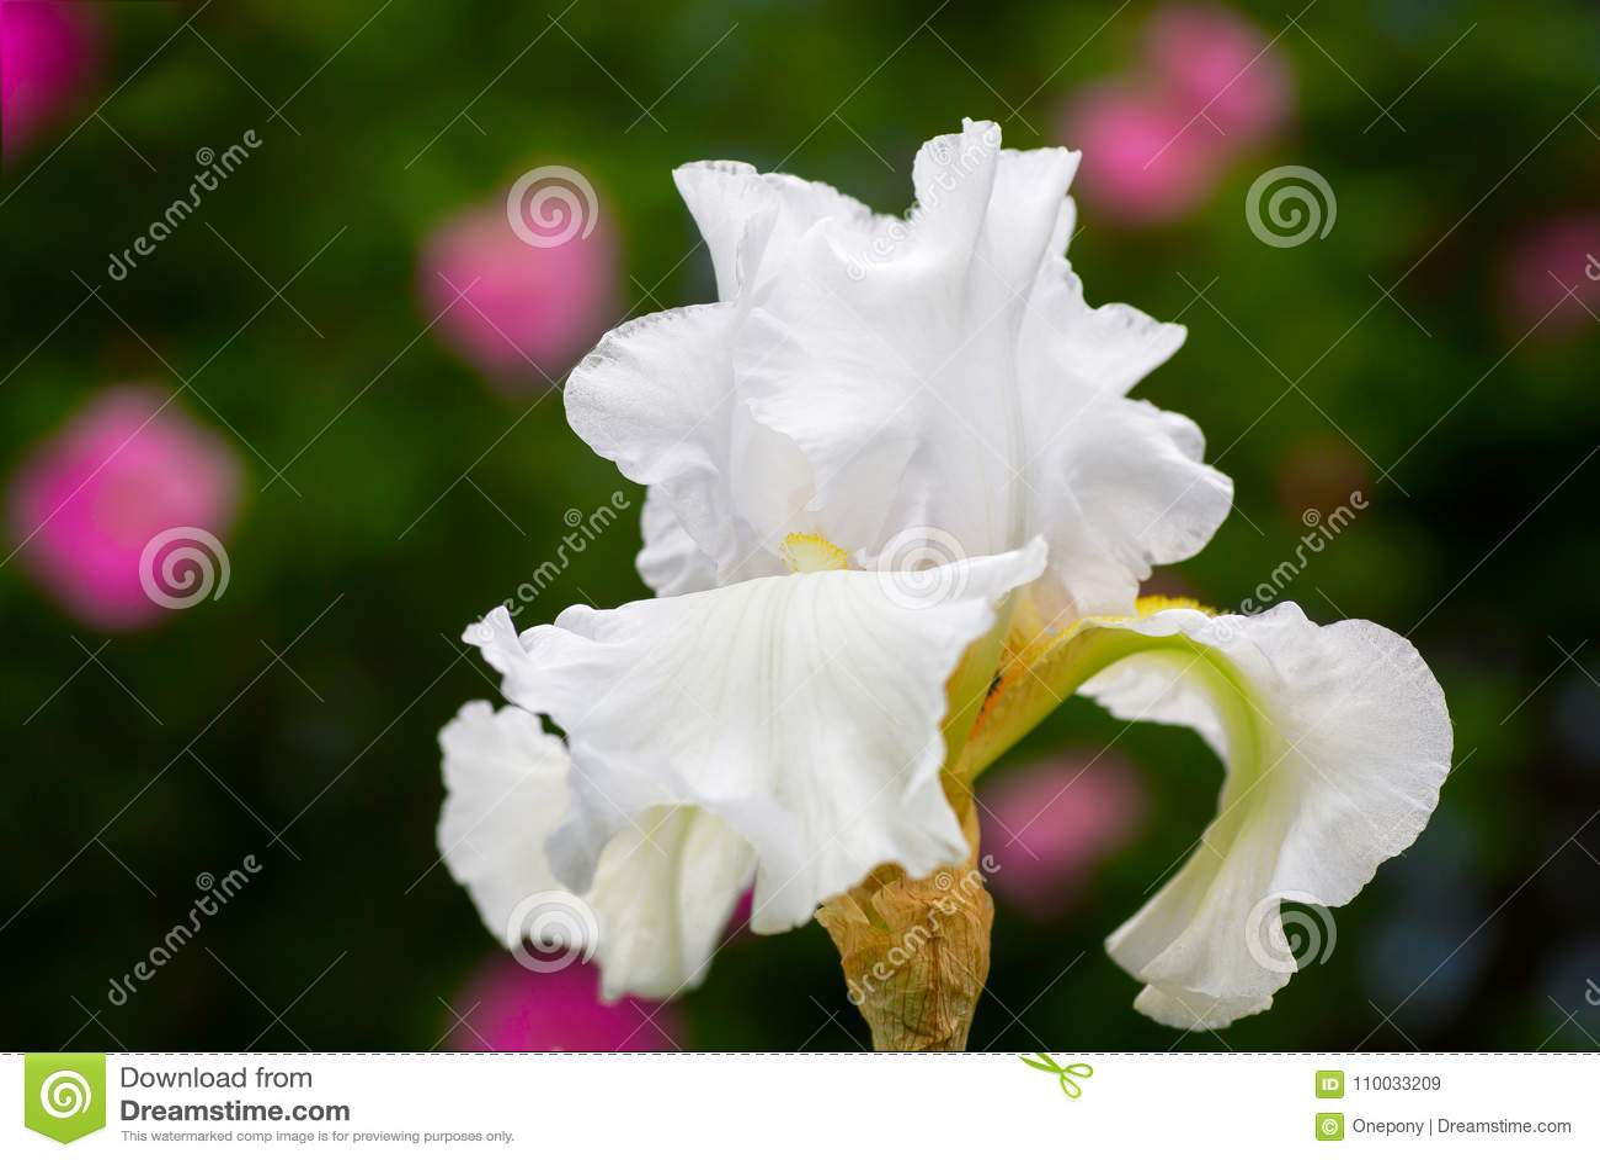 Witte Iris in de huistuin